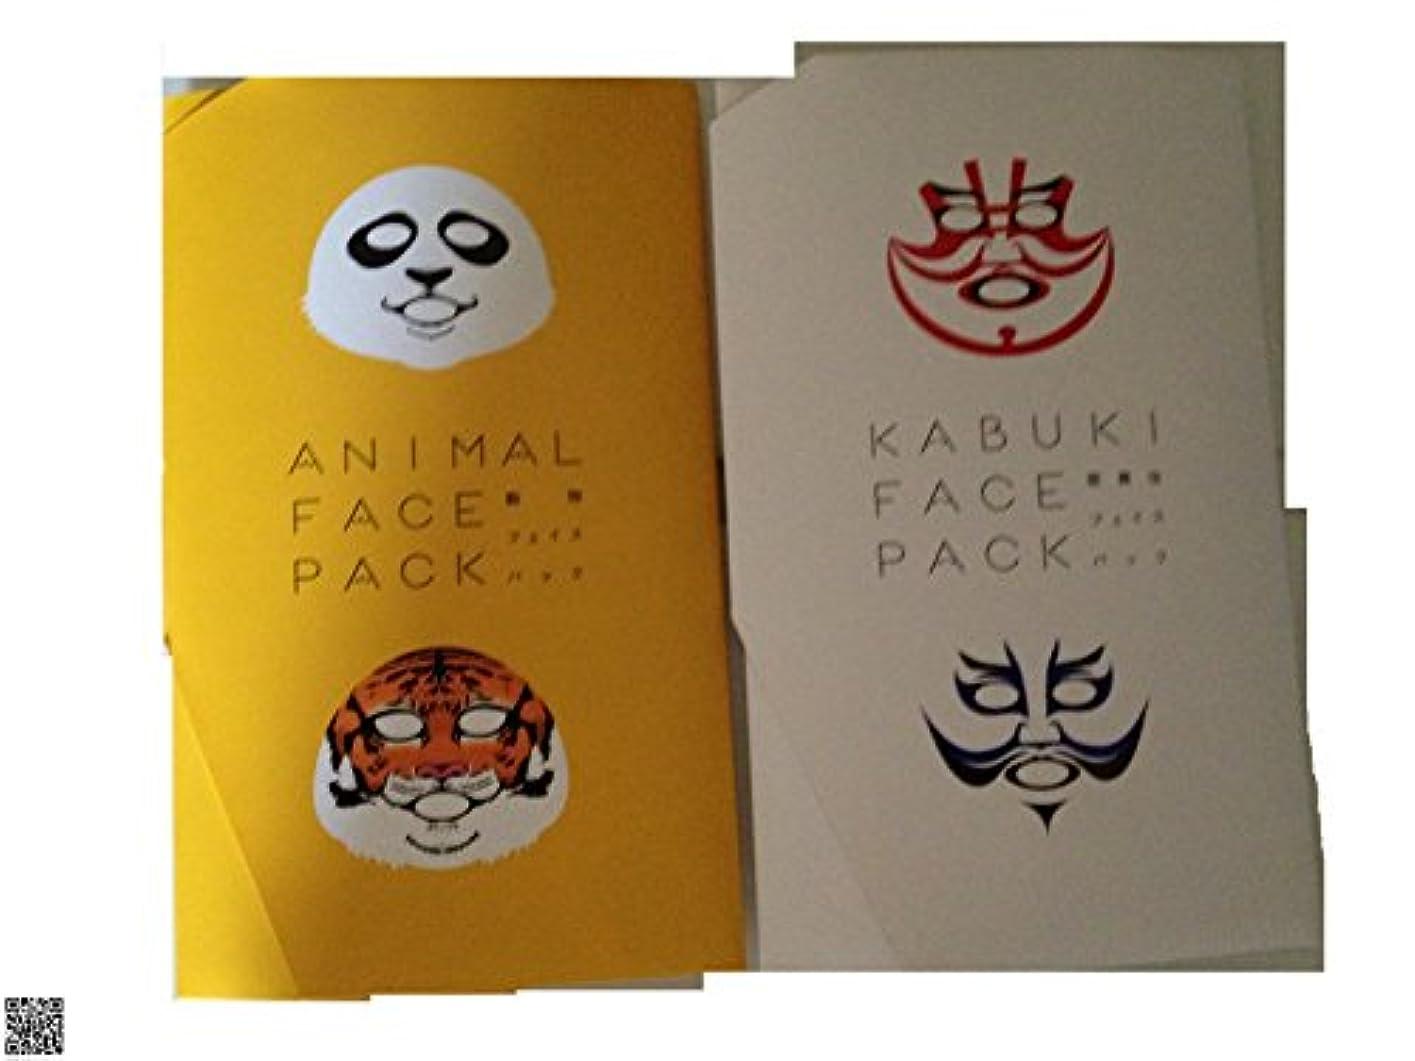 食い違い助けになるバイソン歌舞伎フェイスパック&動物フェイスパック KABUKI FACE PACK&ANIMAL FACE PACK